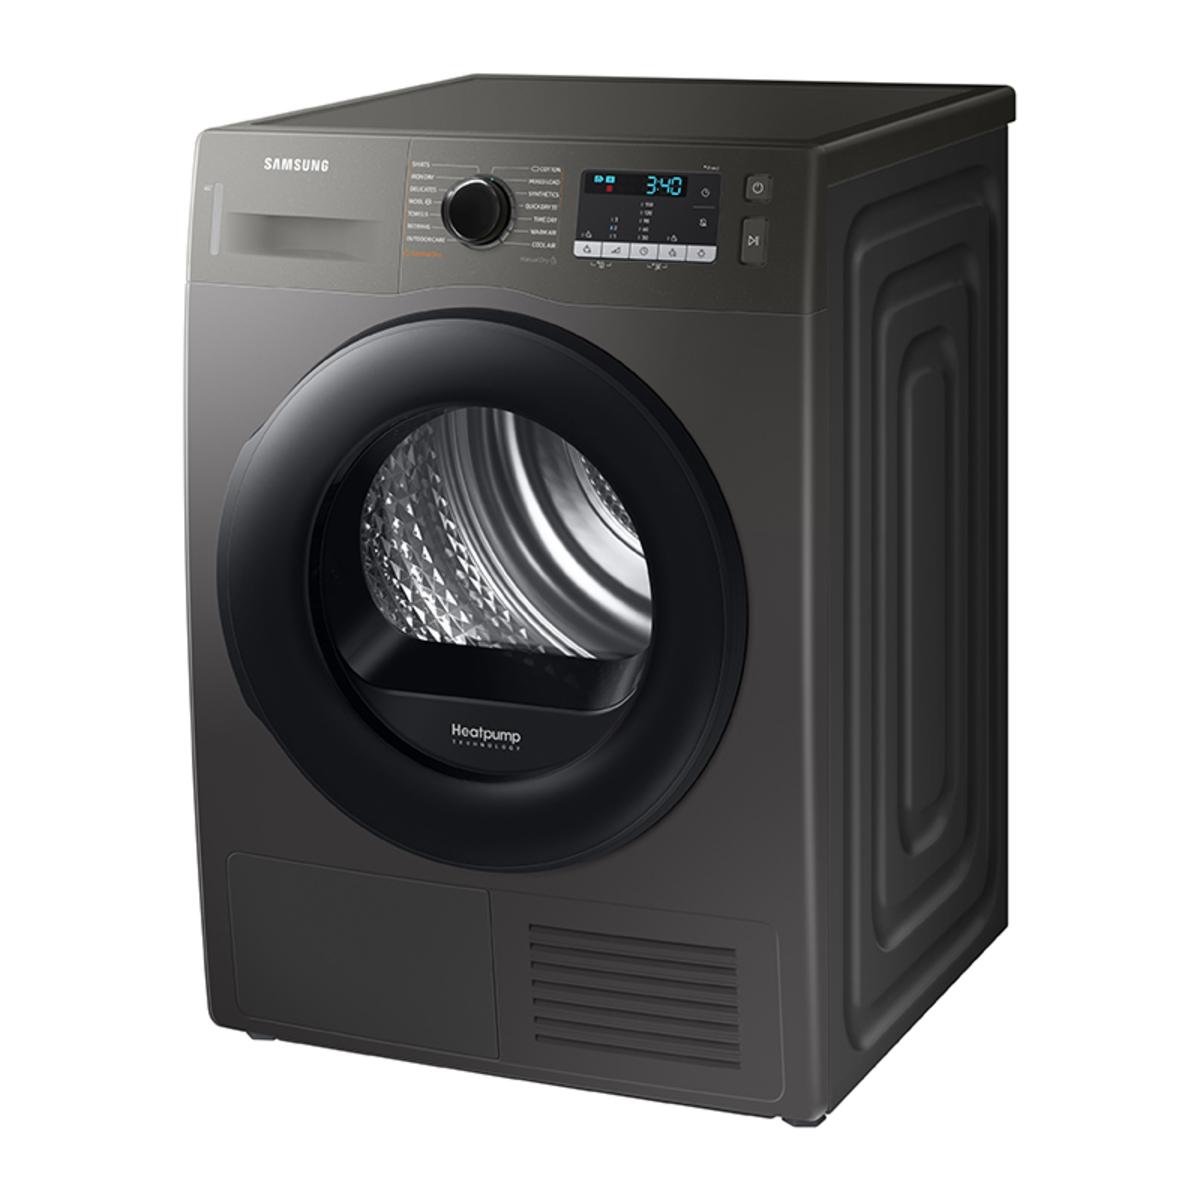 Samsung DV90TA040AN/EU A++ 9kg Heat Pump Tumble Dryer, Graphite